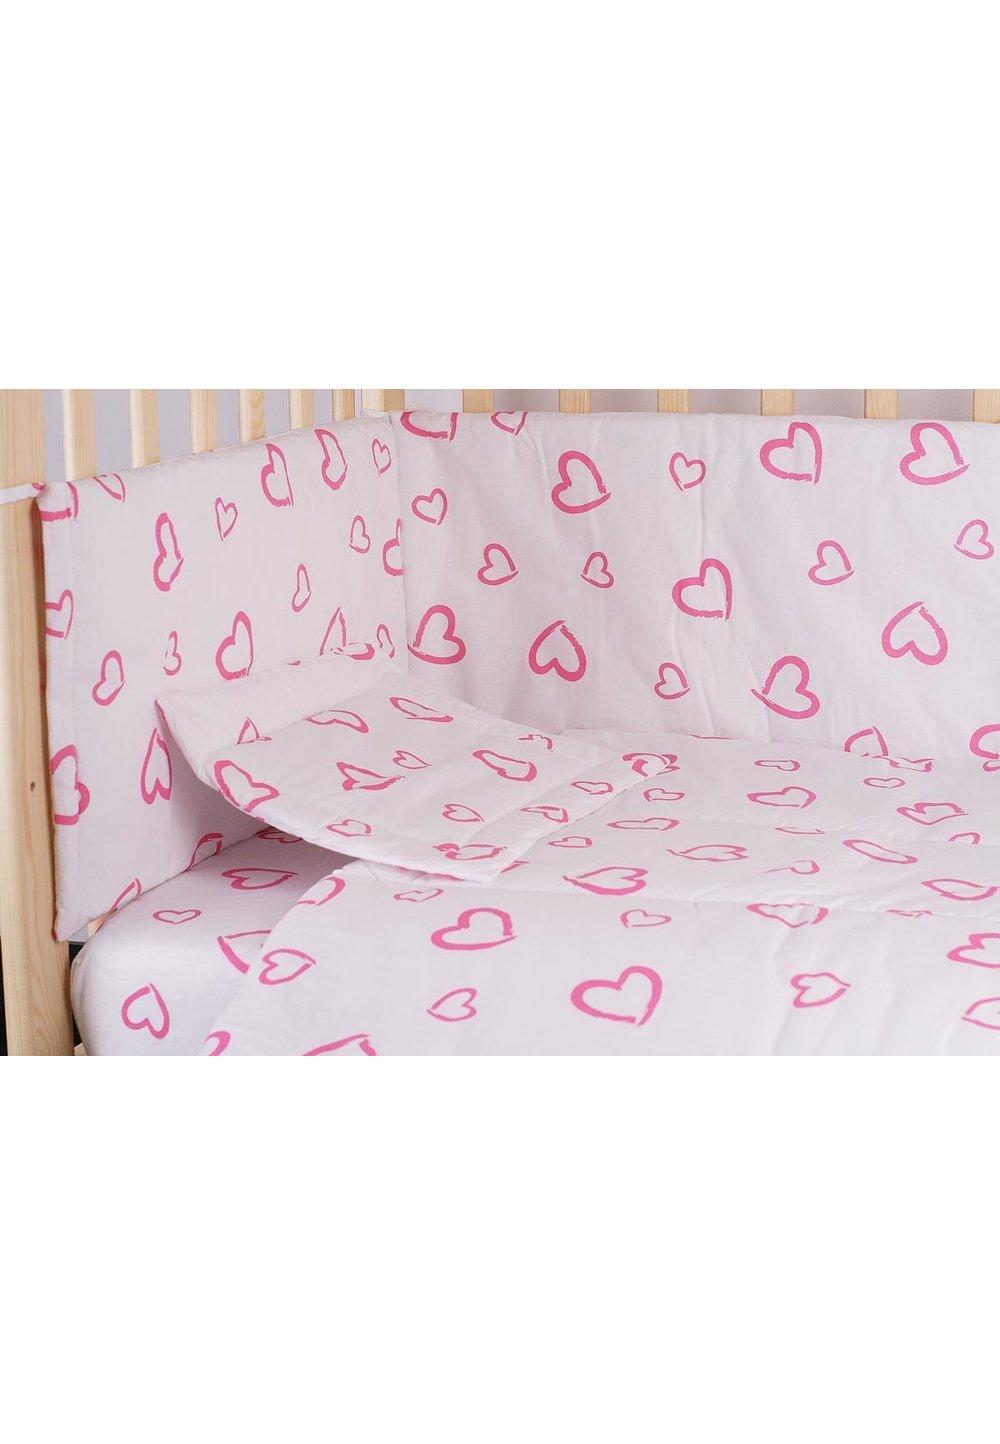 Lenjerie alba,inimioare,roz,5 piese, 140x70 cm imagine